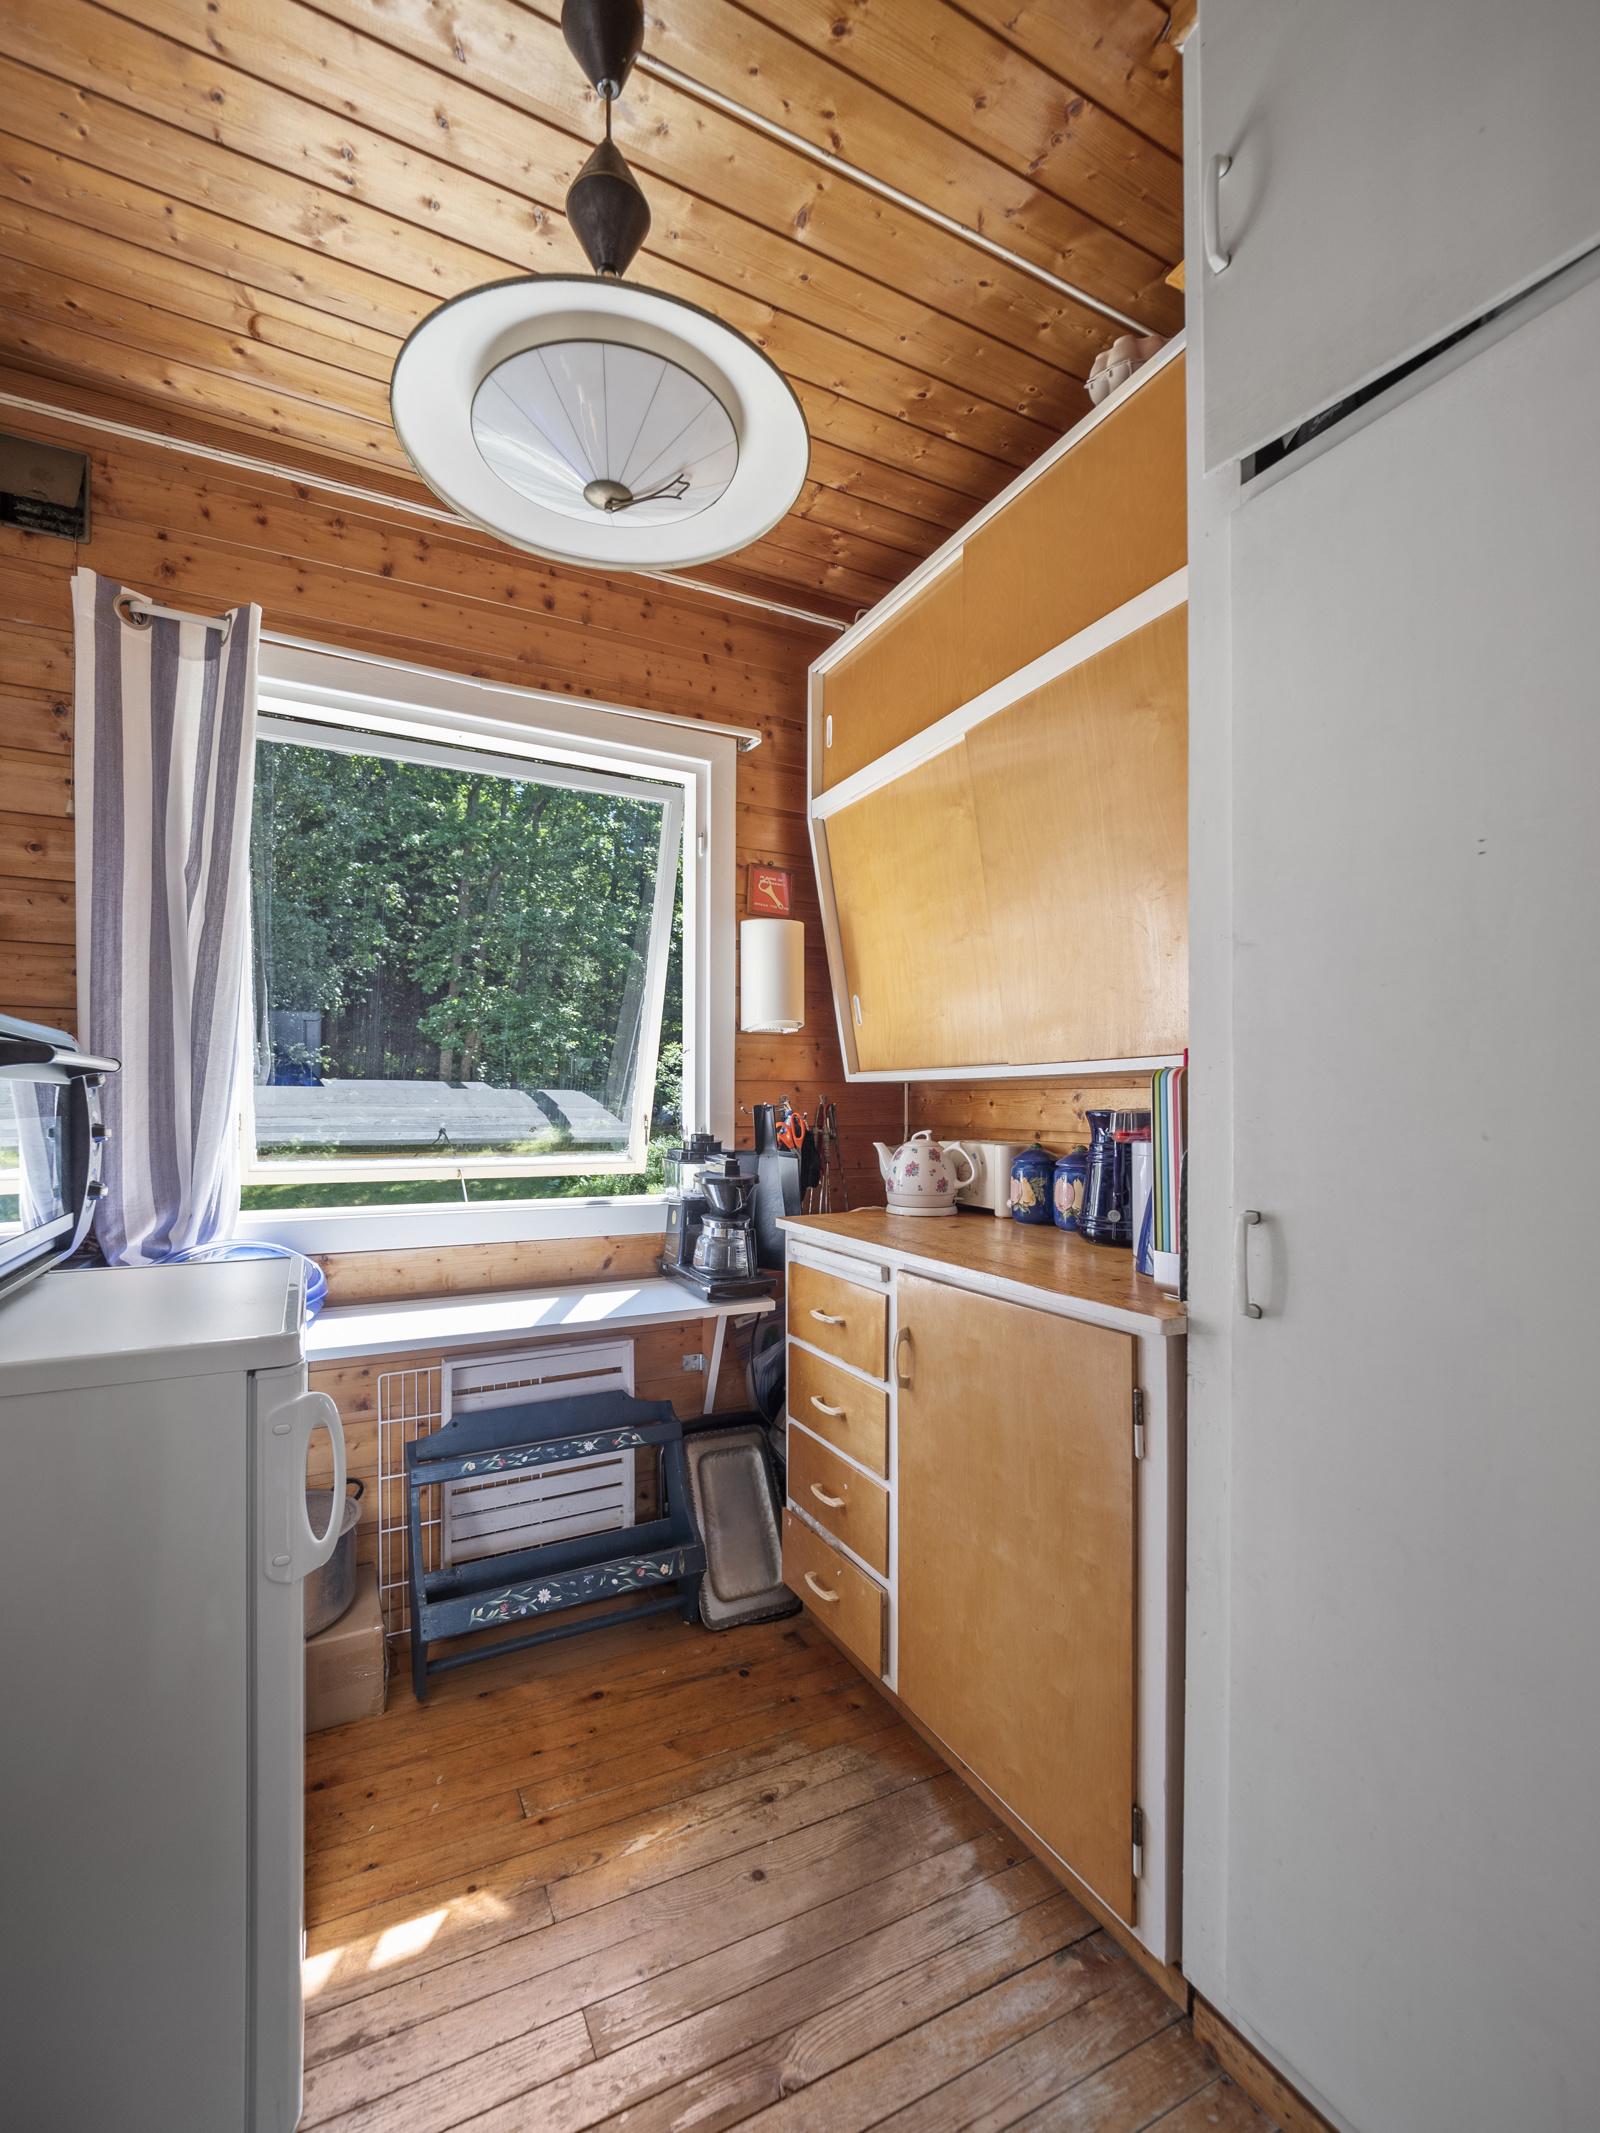 Praktisk og godt utnyttet kjøkken med mye oppbevaringsplass